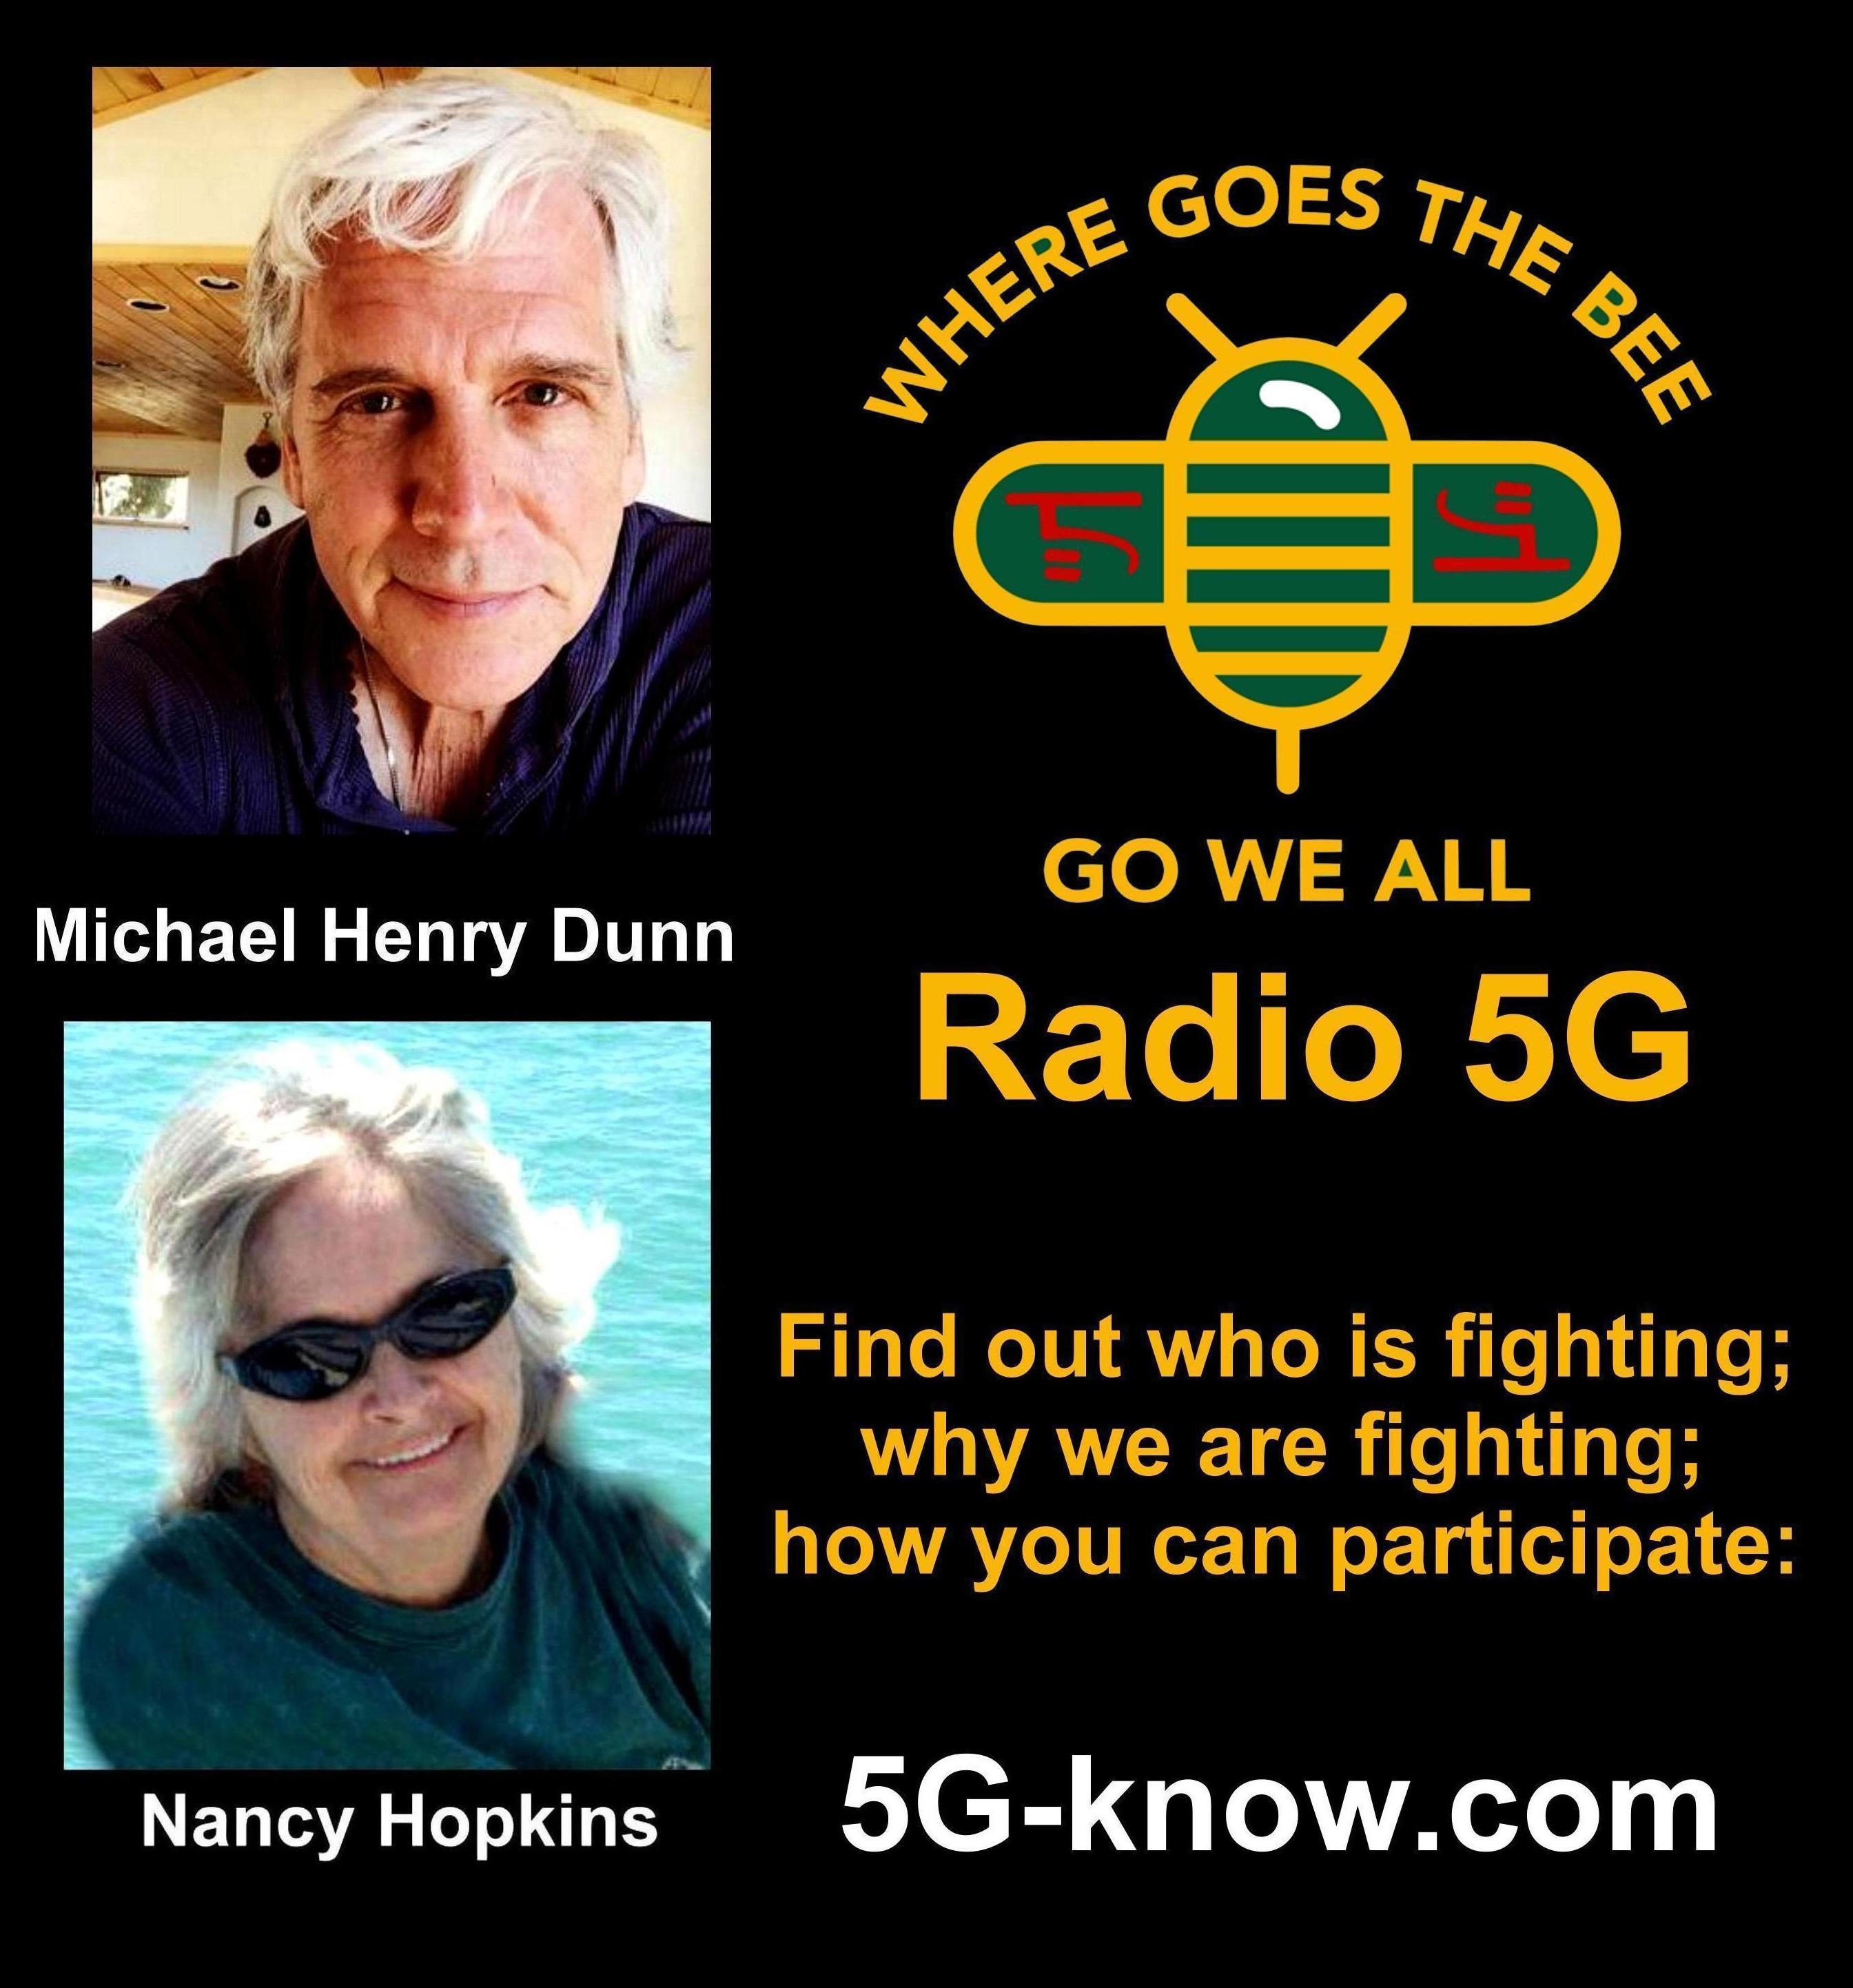 RADIO 5G